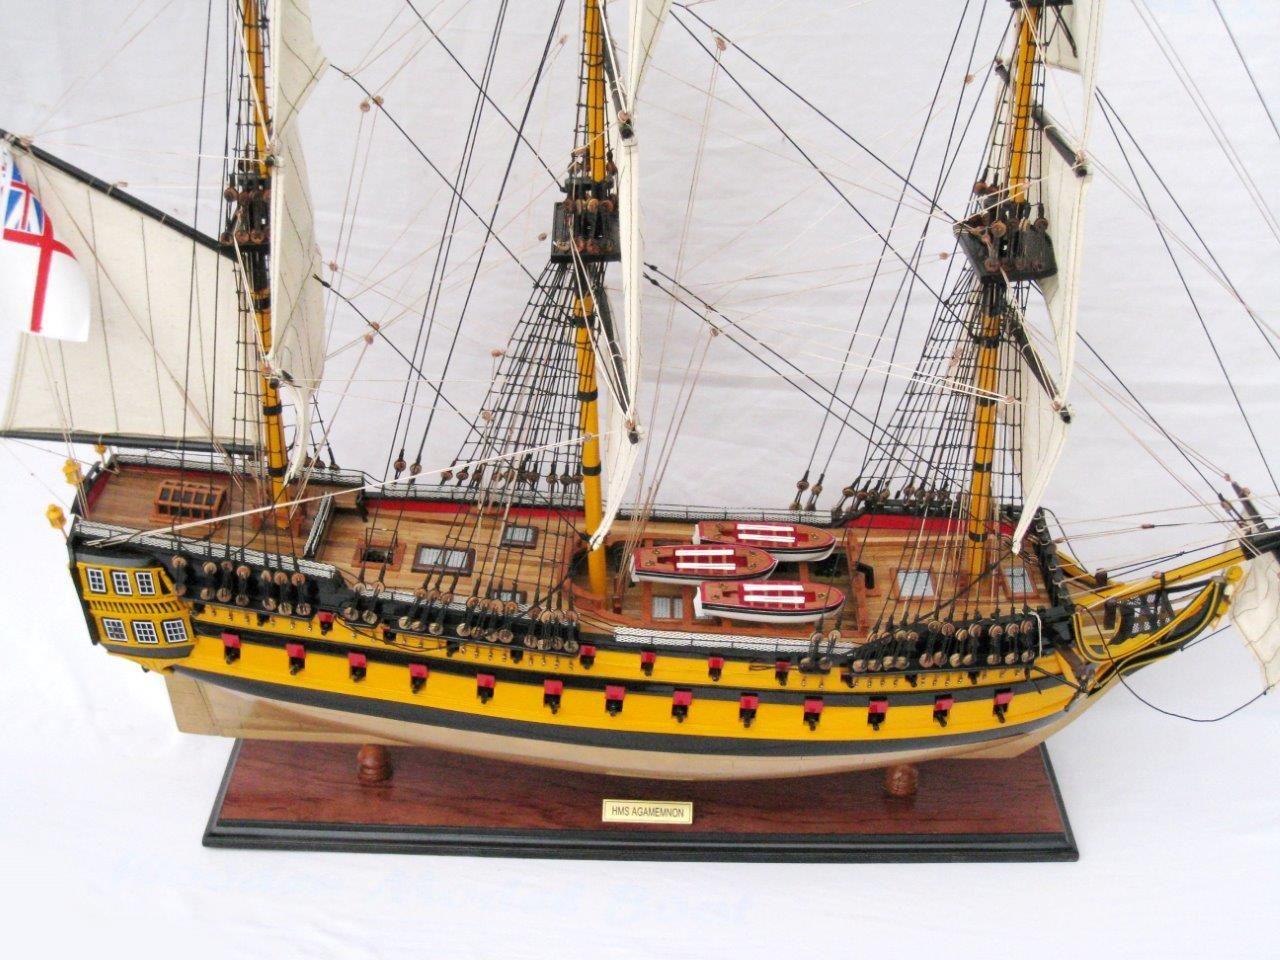 Premier Ship Models (Head Office